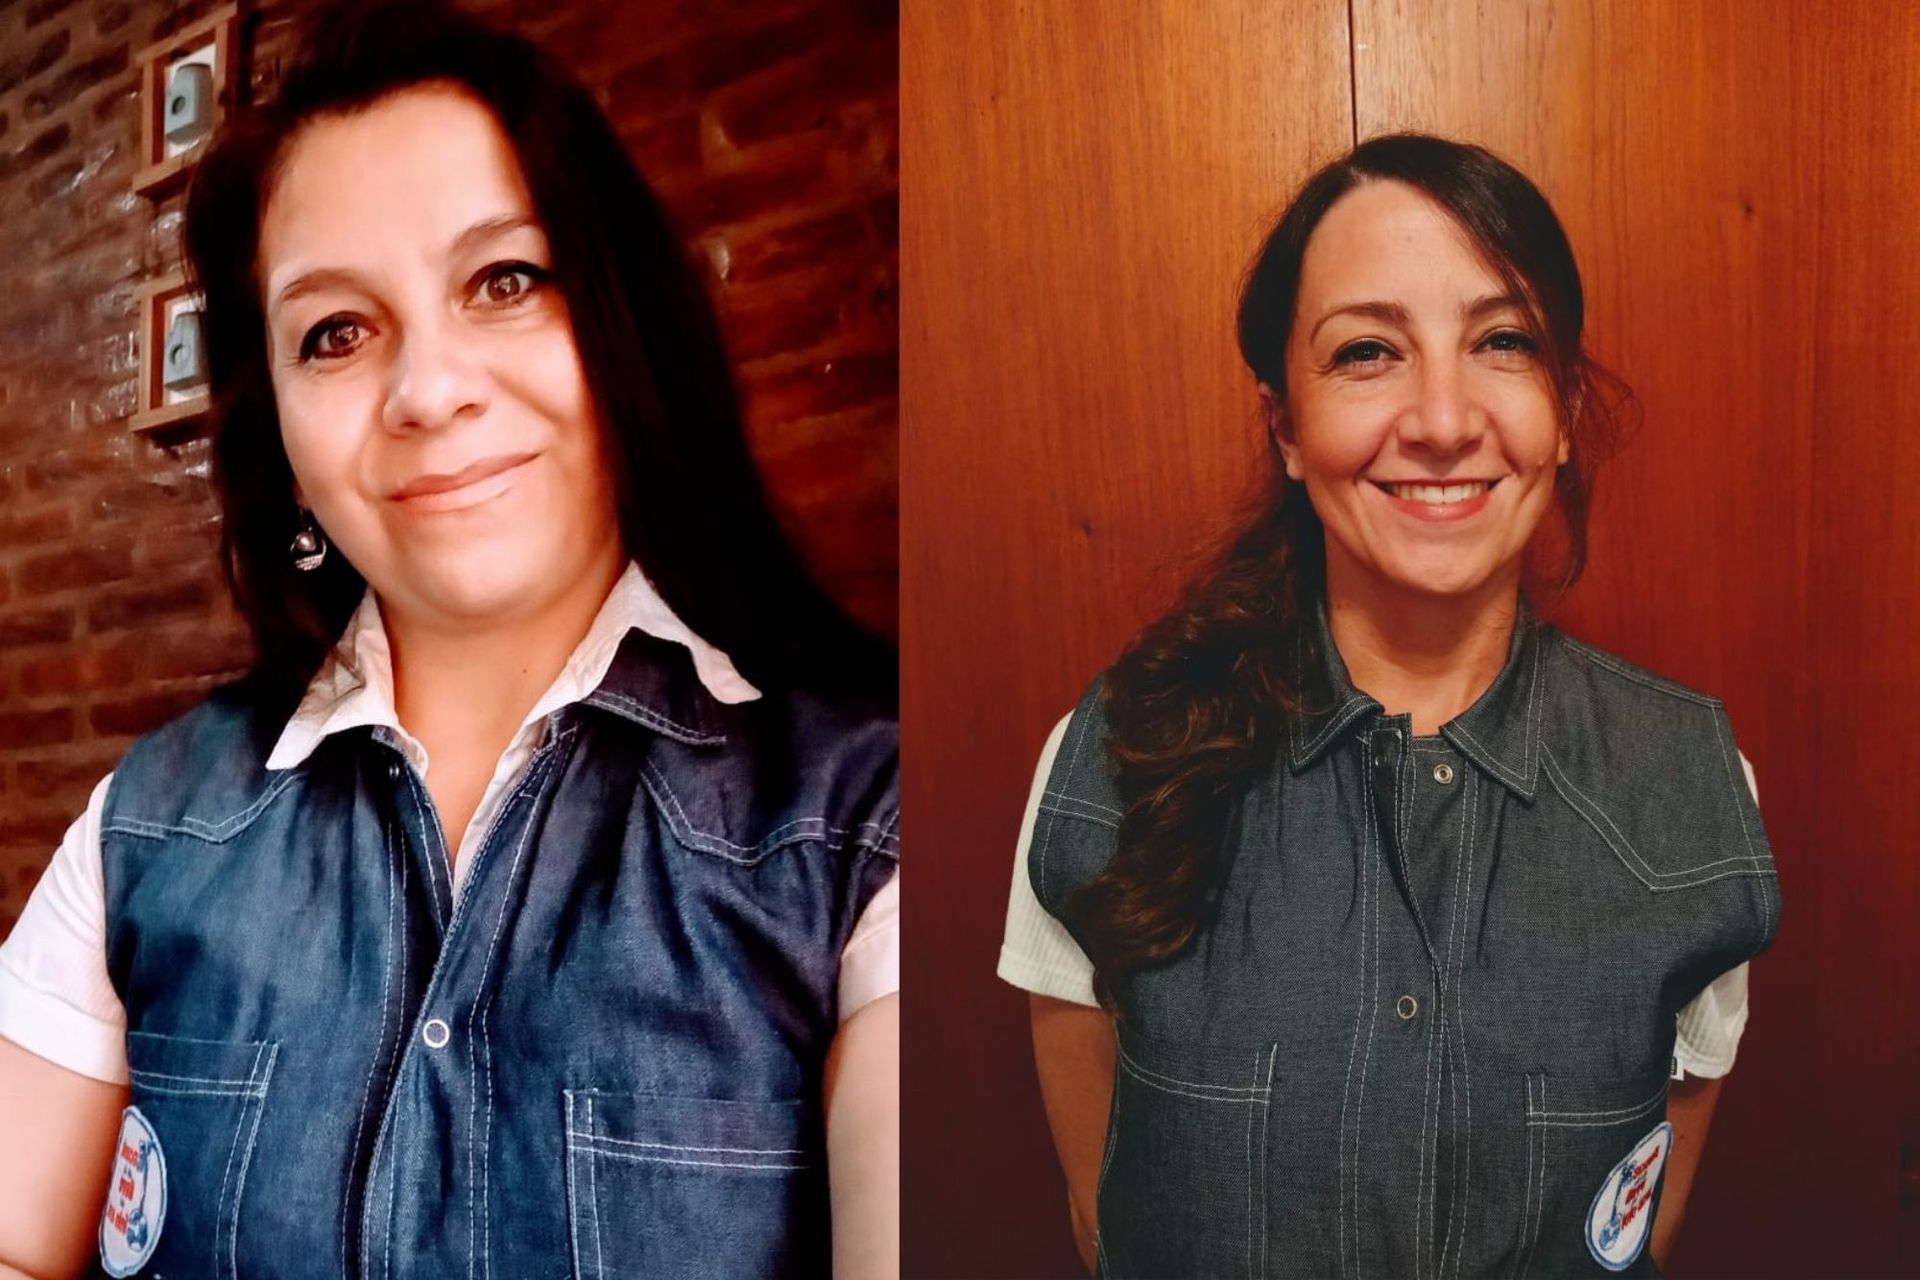 Miriam Tardo y Mercedes Molina son maestras de apoyo a la inclusión escolar que trabajan en la Escuela de la Llave Cielo Azul y reciben capacitación constante en Inclusiva Coaching.